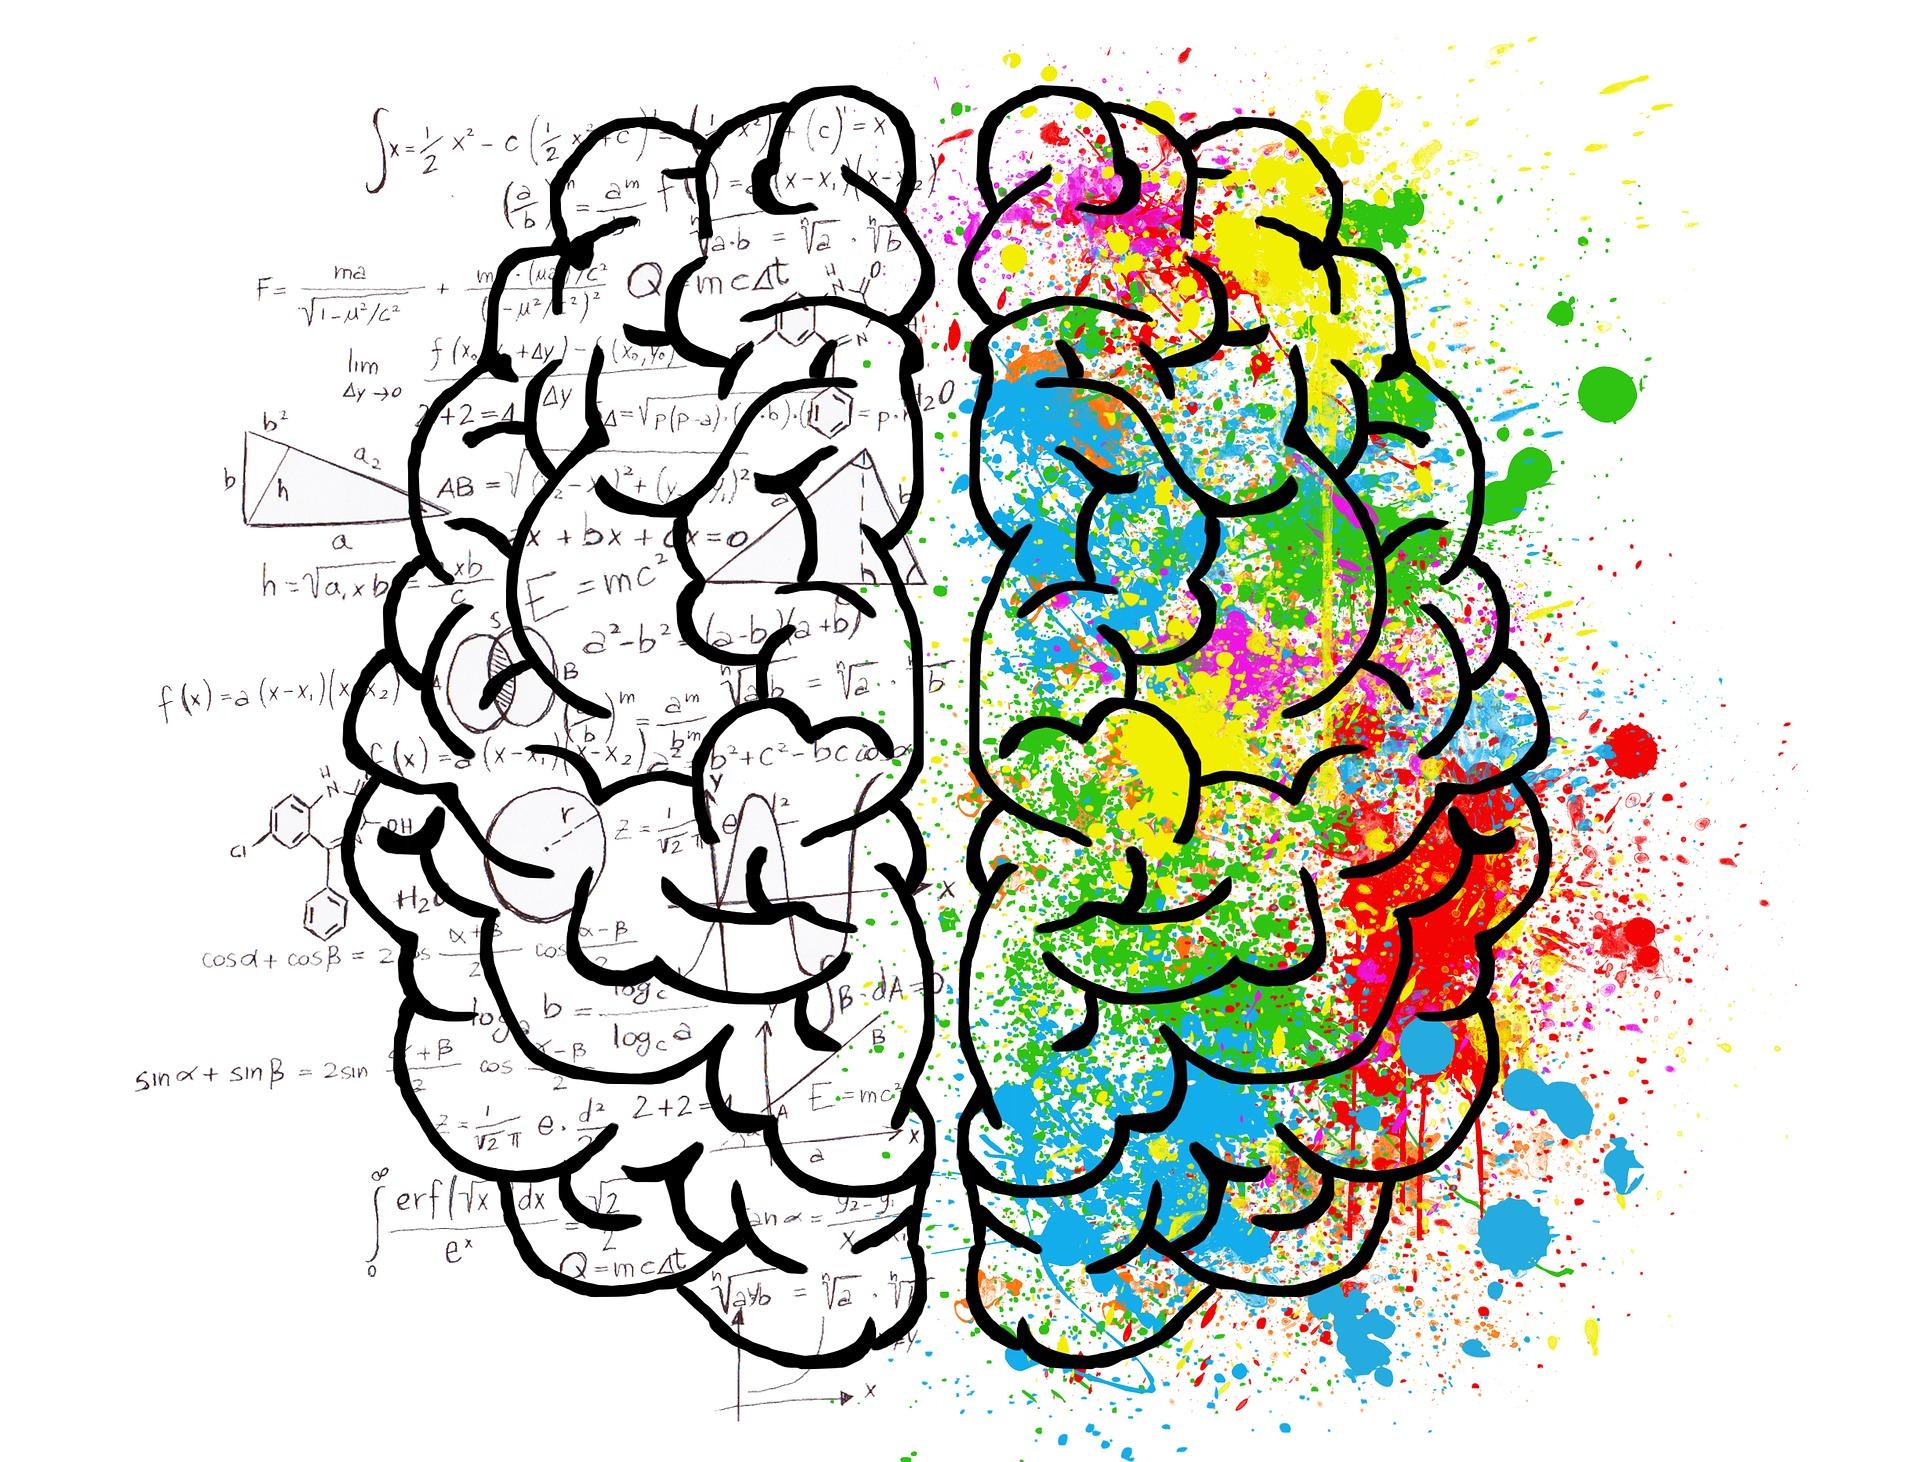 Um gute Texte in Einfacher Sprache zu schreiben, ist viel Kreativität notwendig. Foto: Pixabay